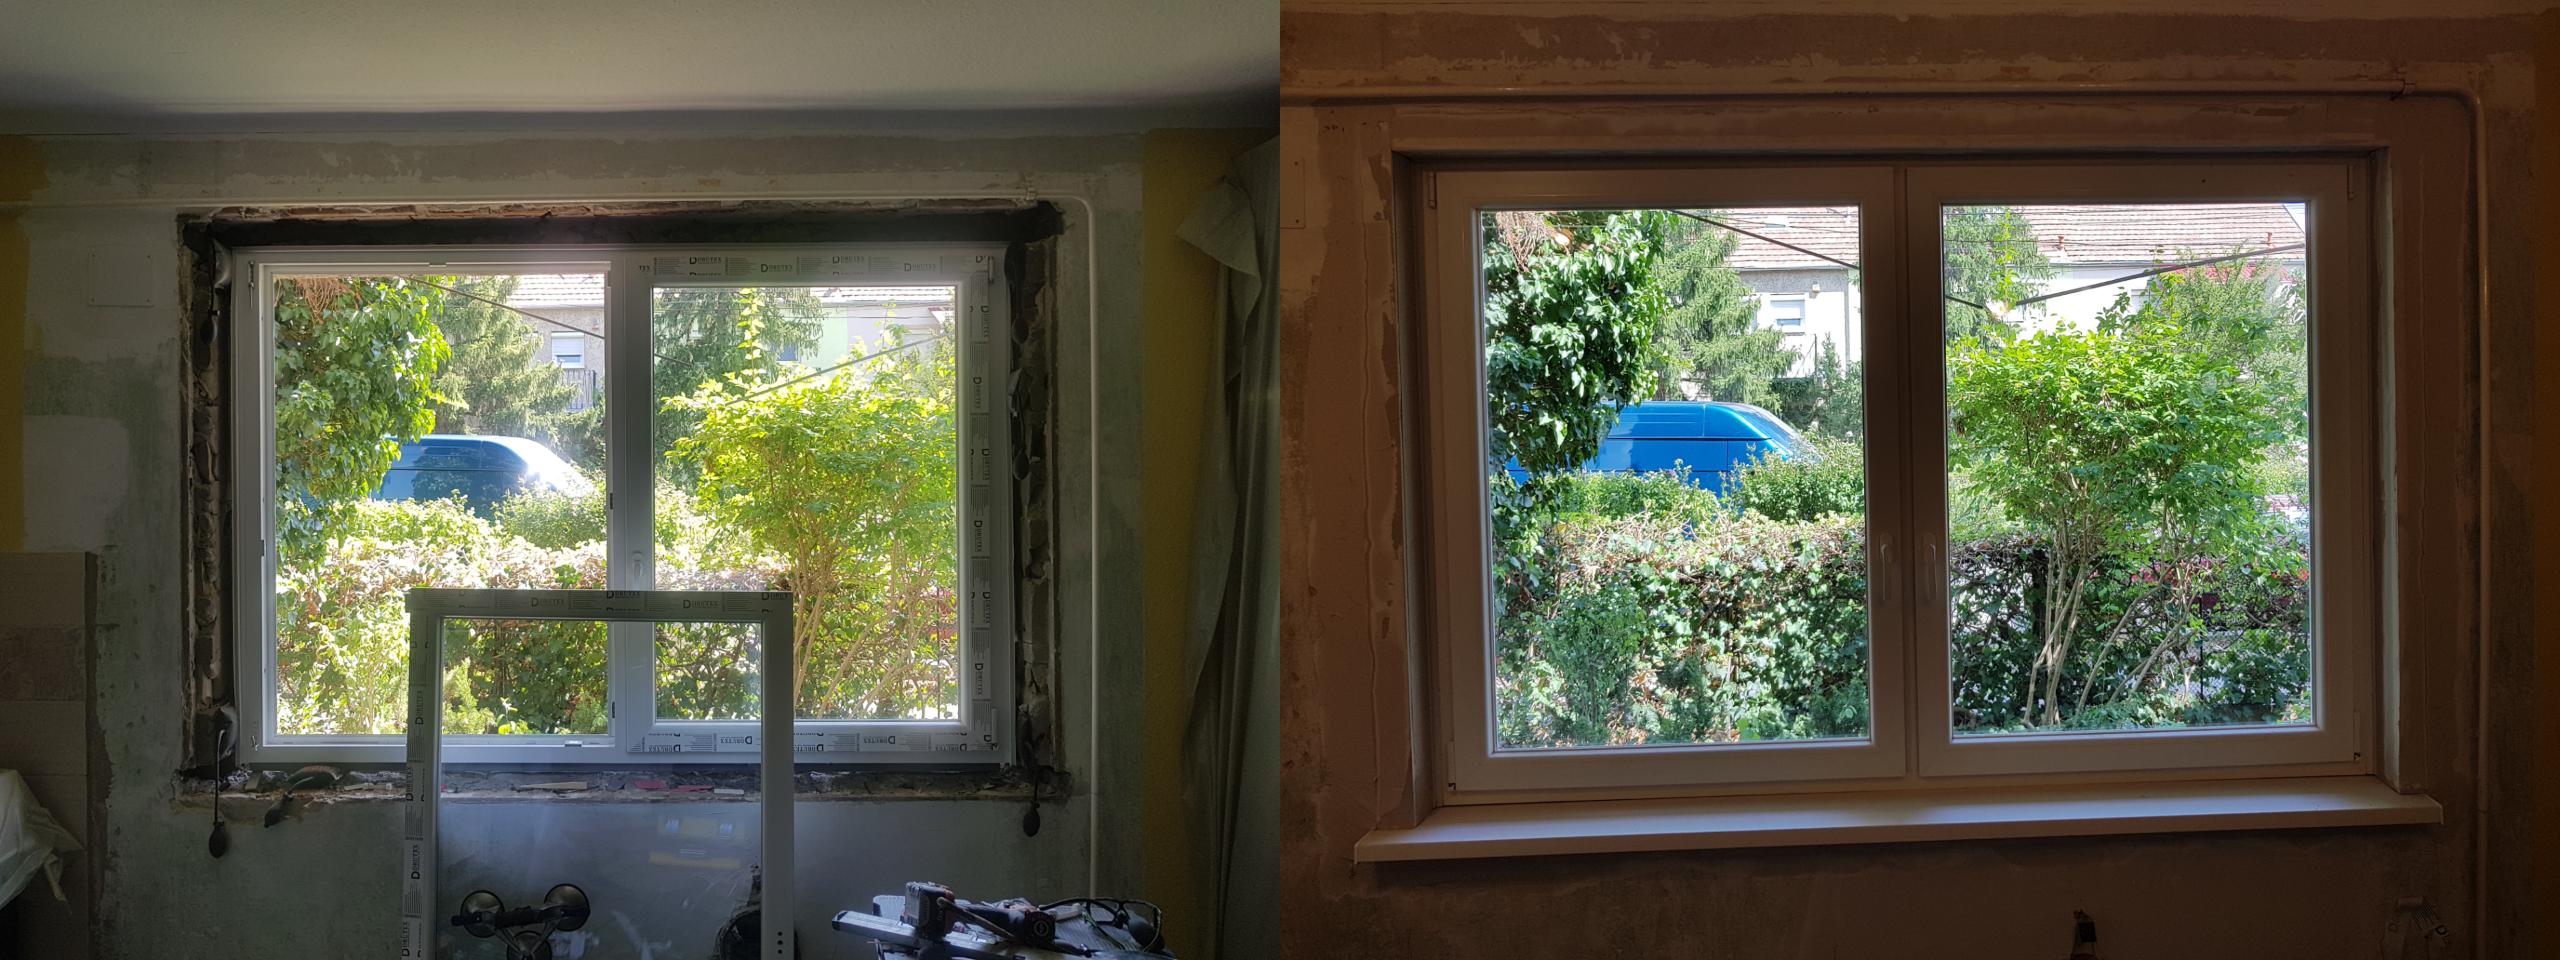 Új ablak 2